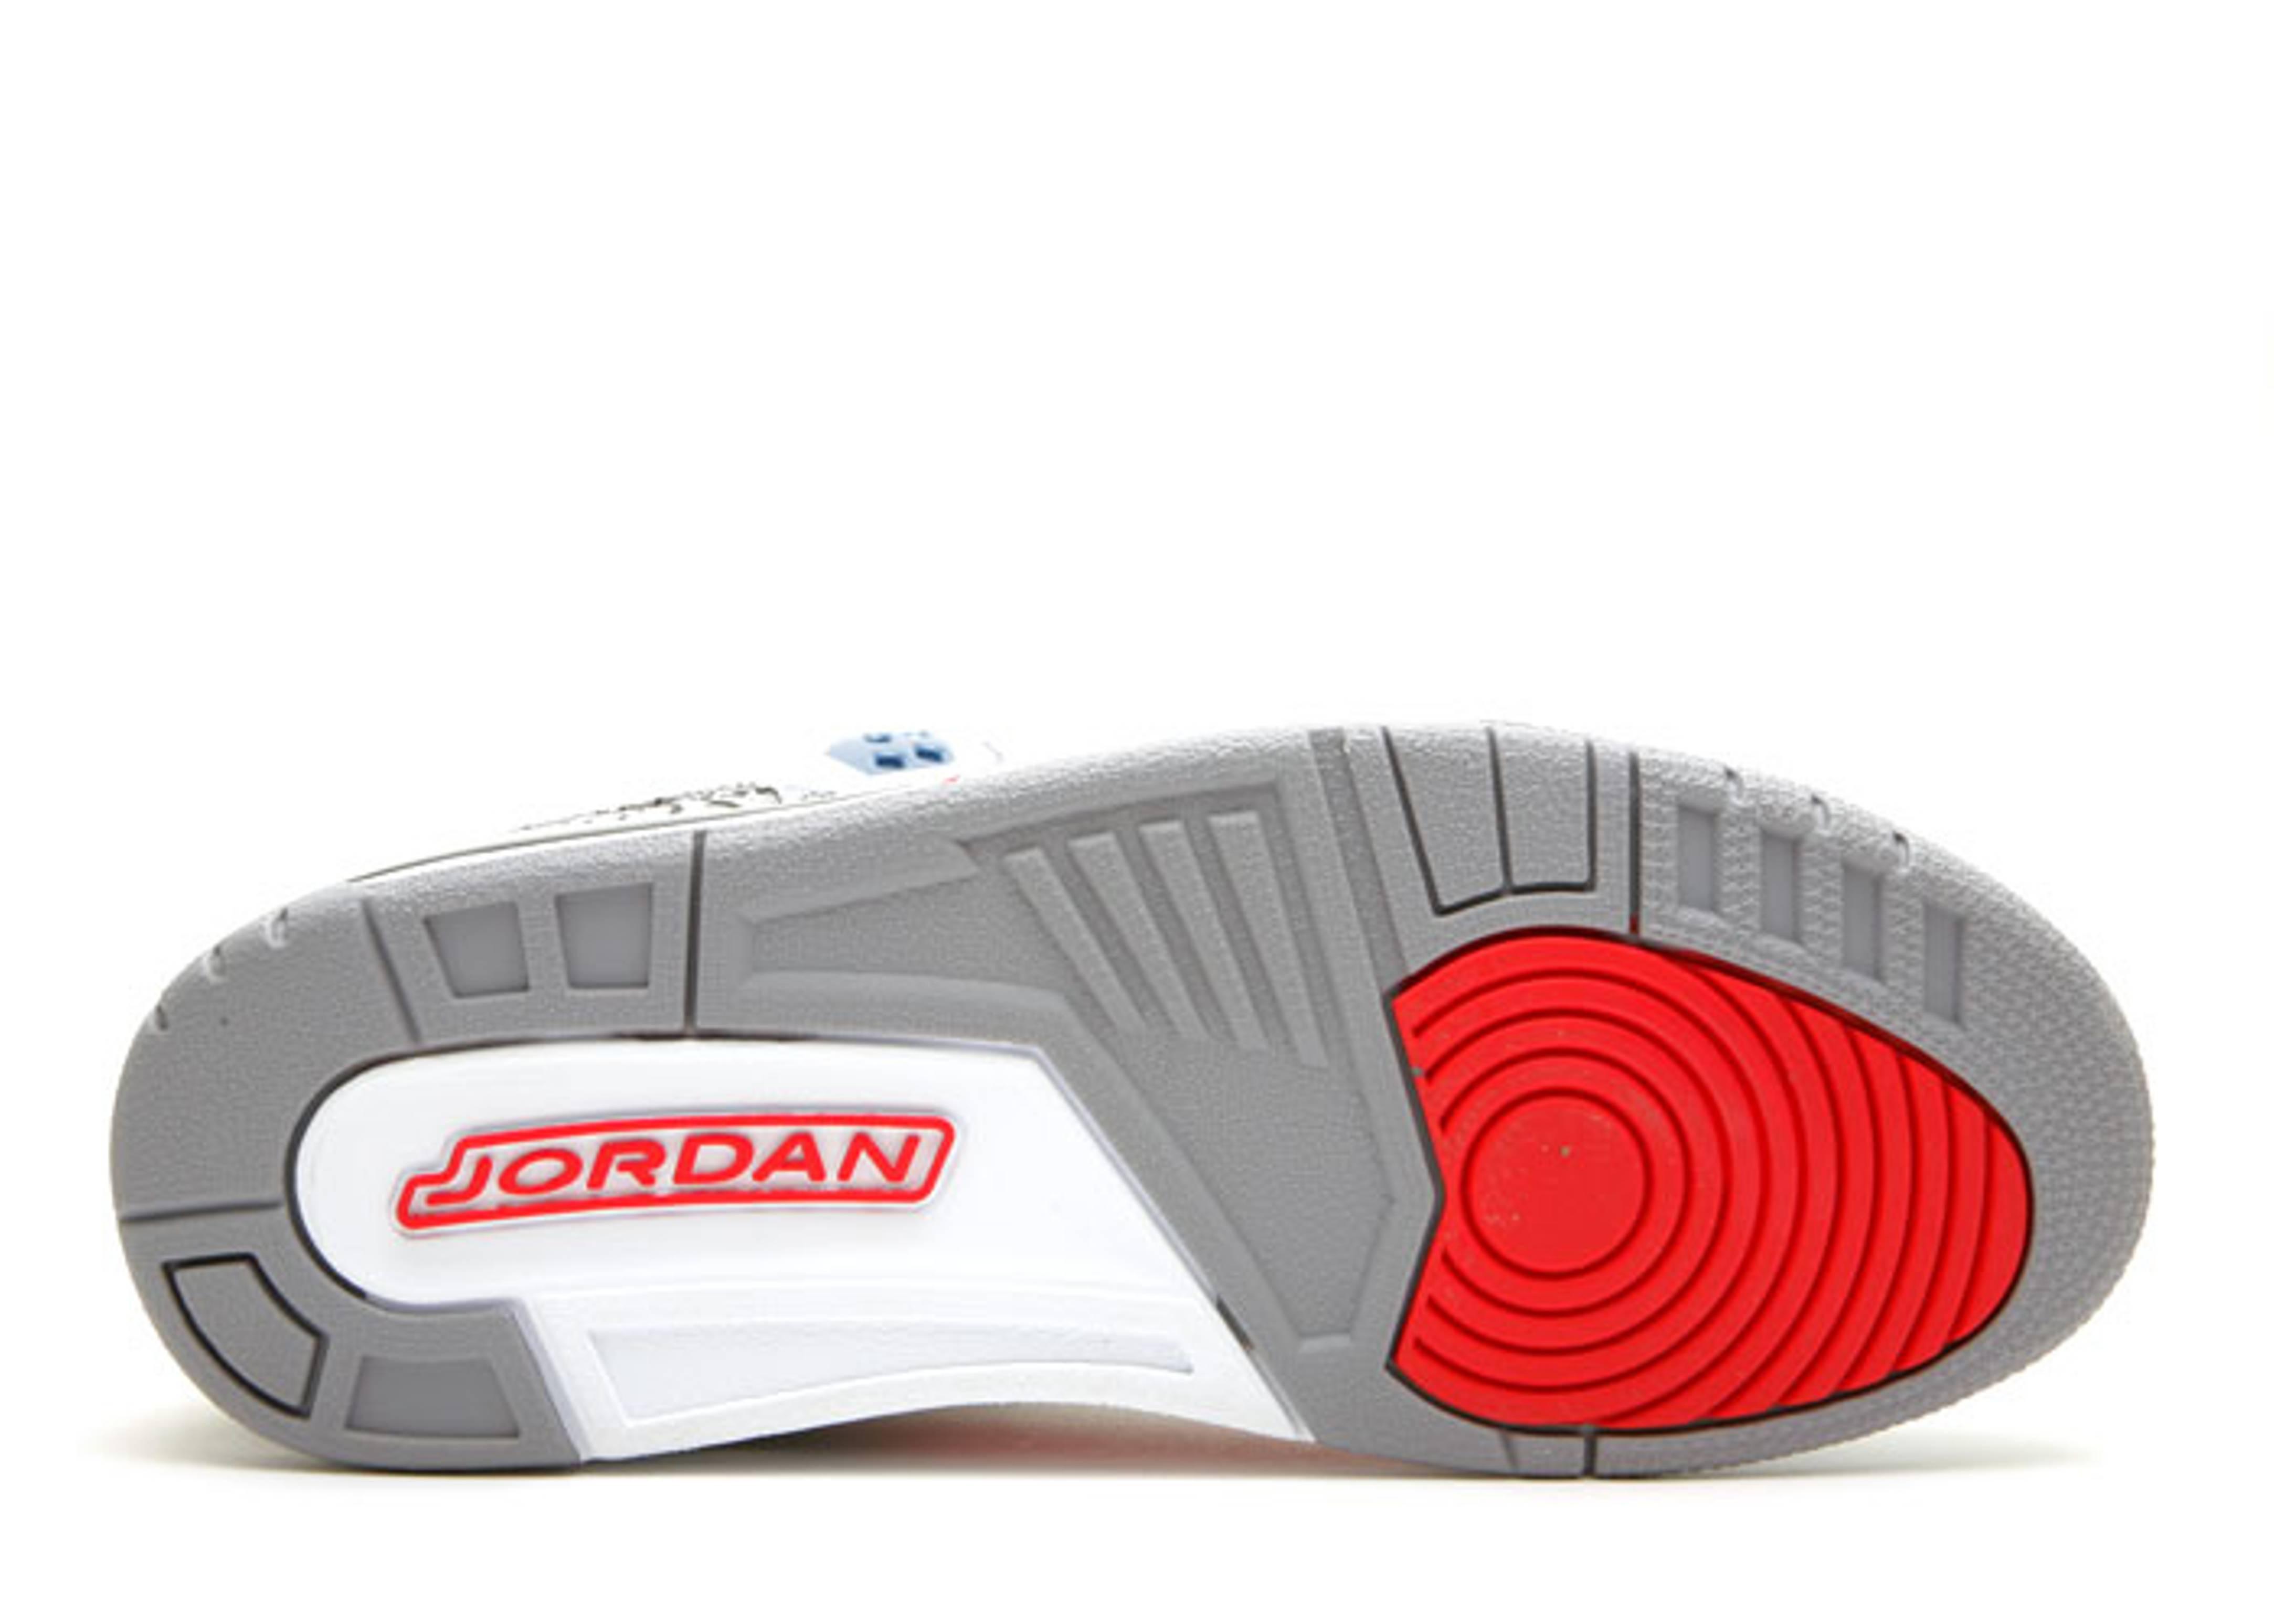 15d85bda21d2 Nike Air Jordan Spizike Mars